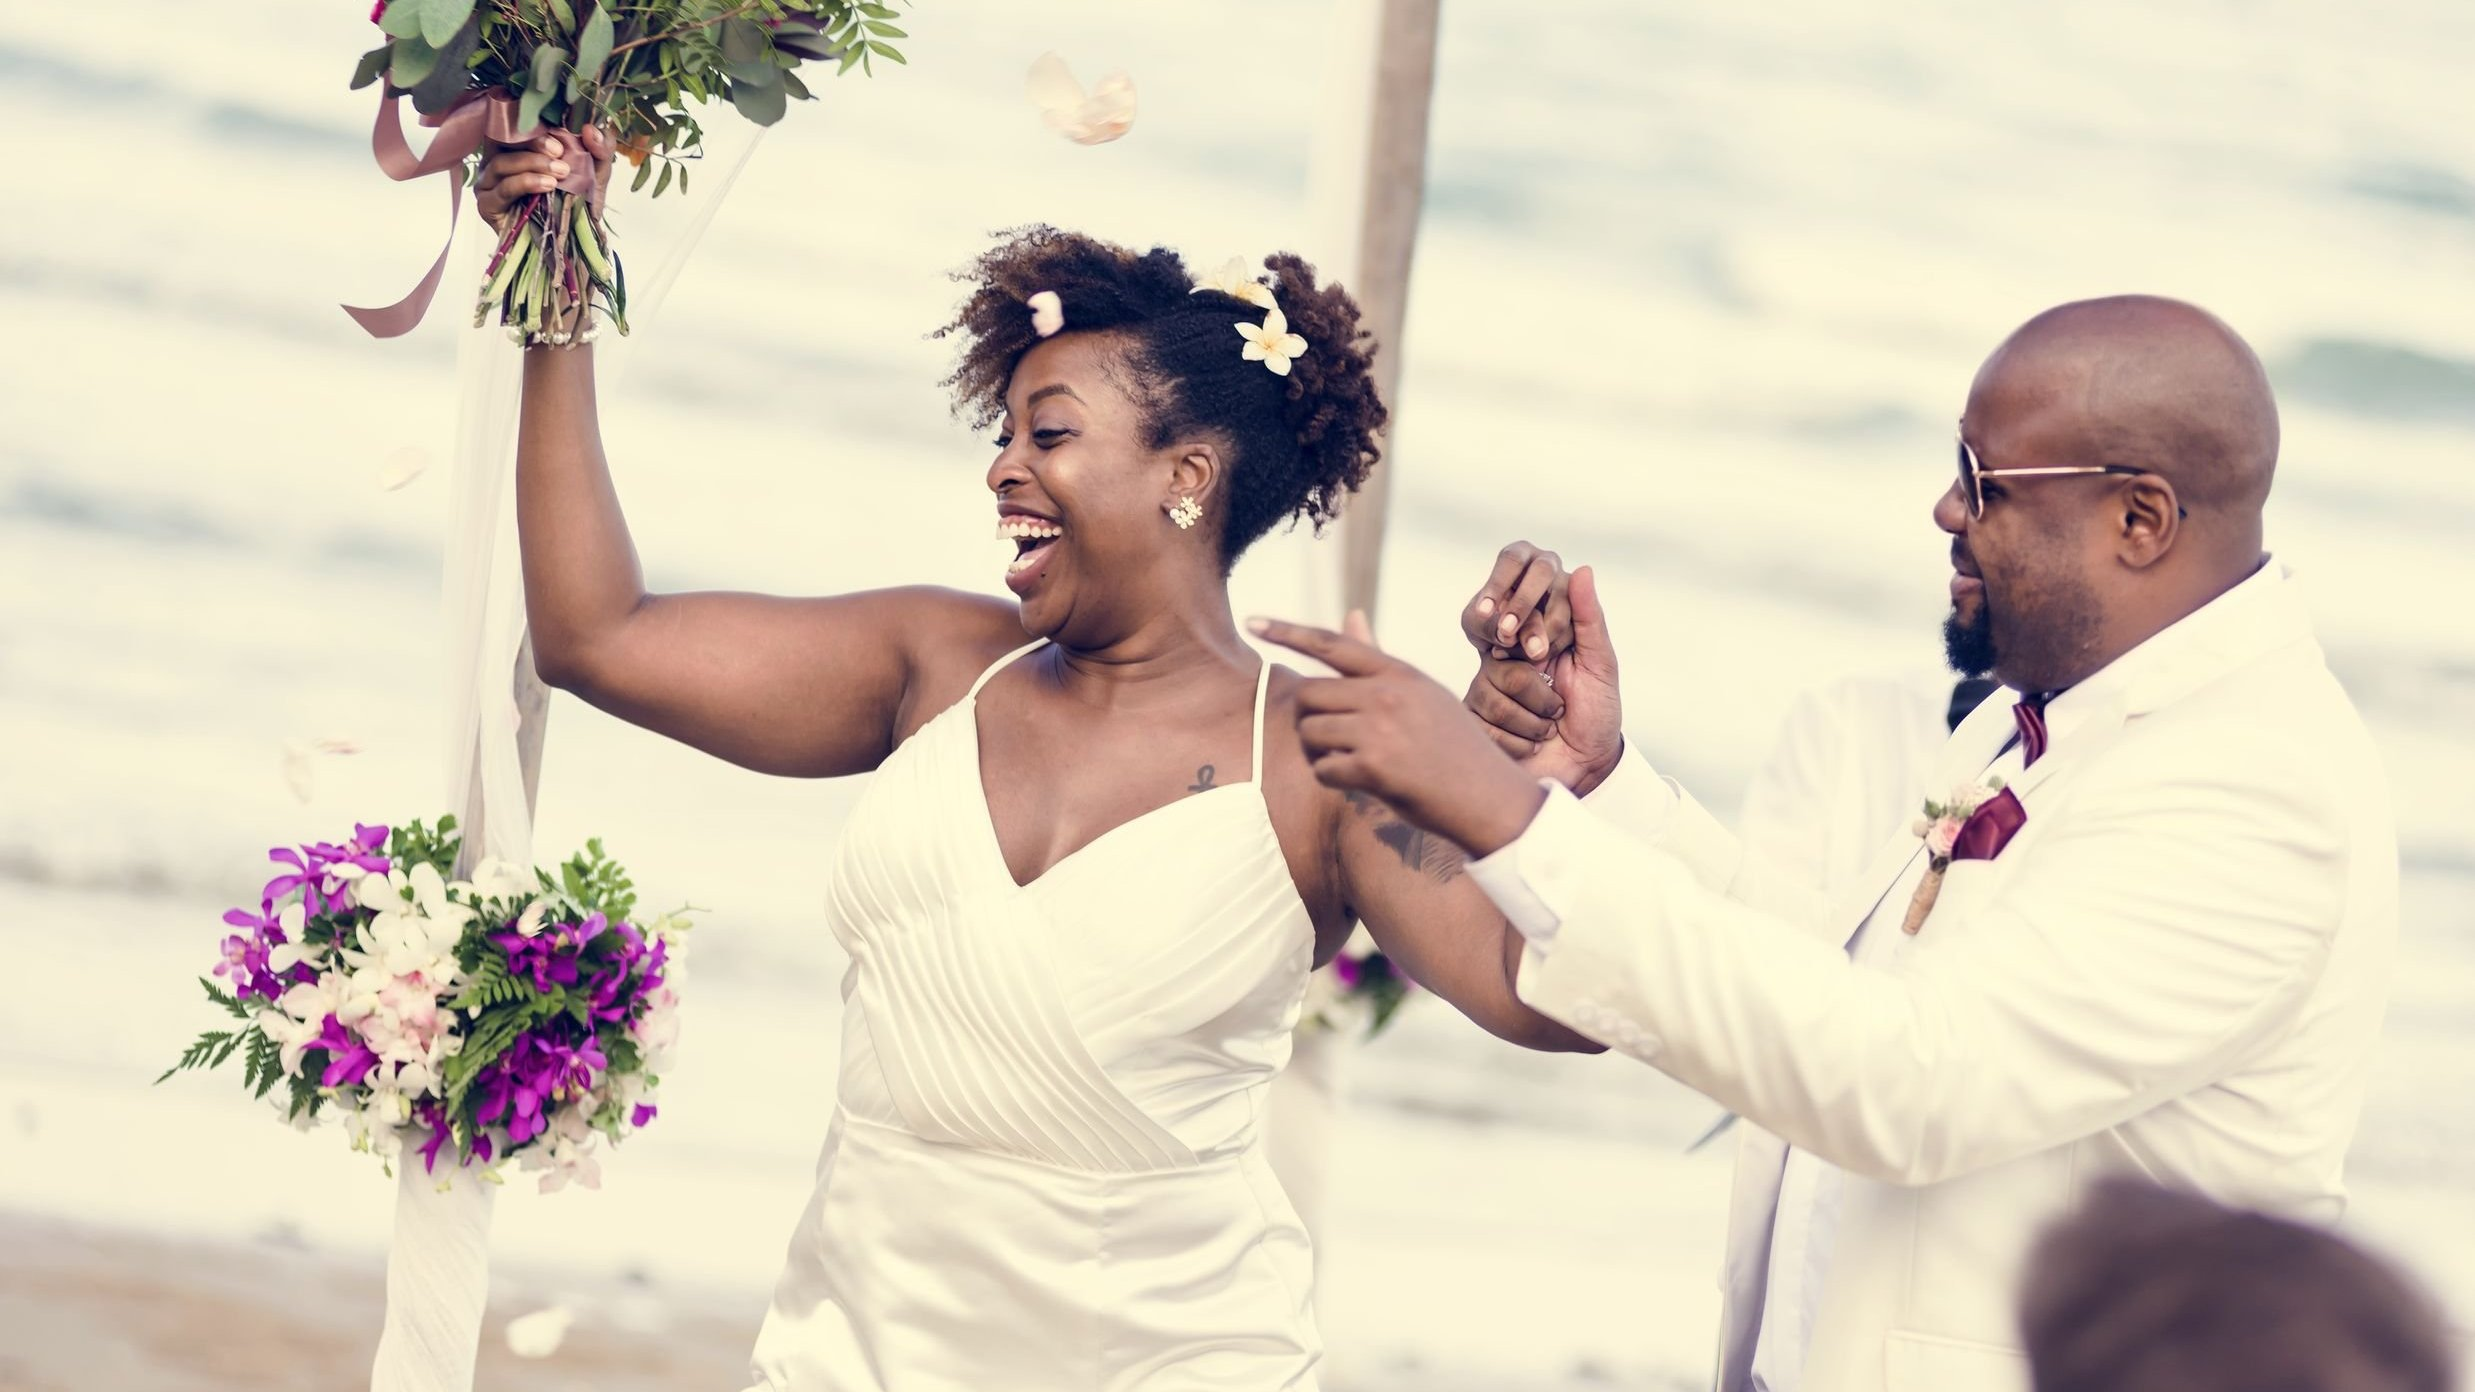 Homem e mulher se casando na praia, o noivo aponta para algo e a noiva sorri segurando seu buquê para o alto.